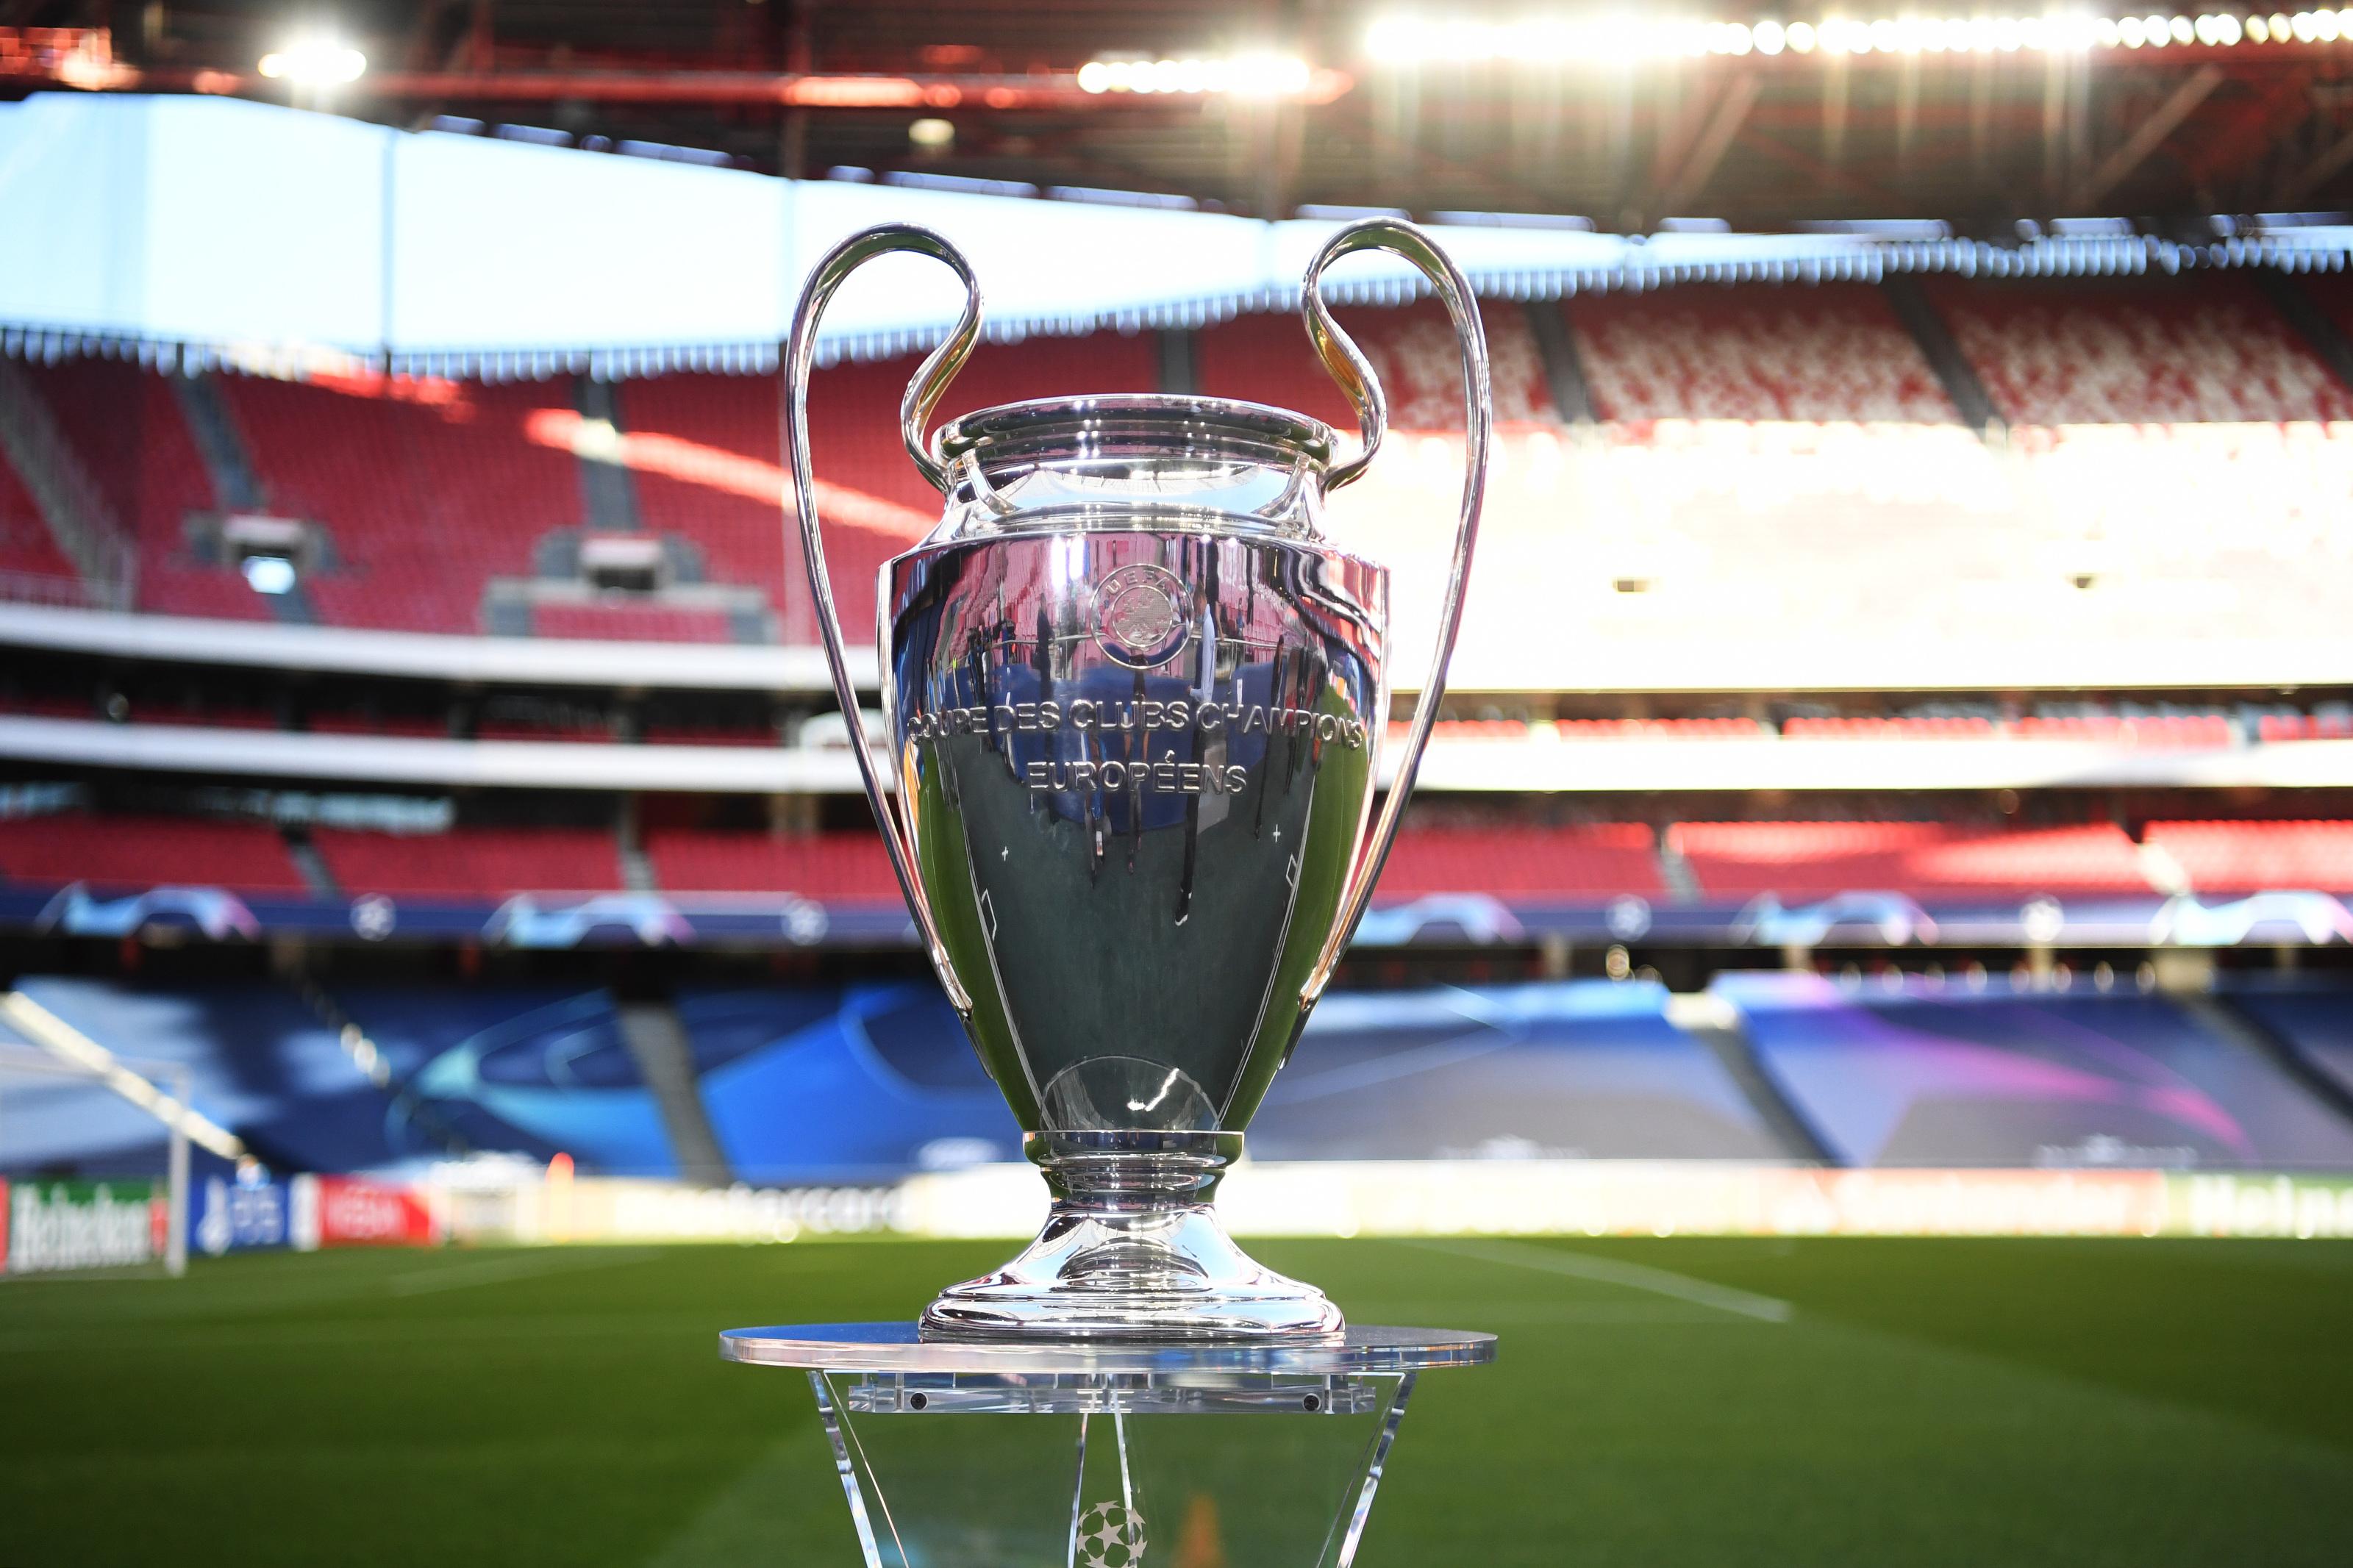 Bayern Munich Vs Psg Who Will Win The 2020 Champions League